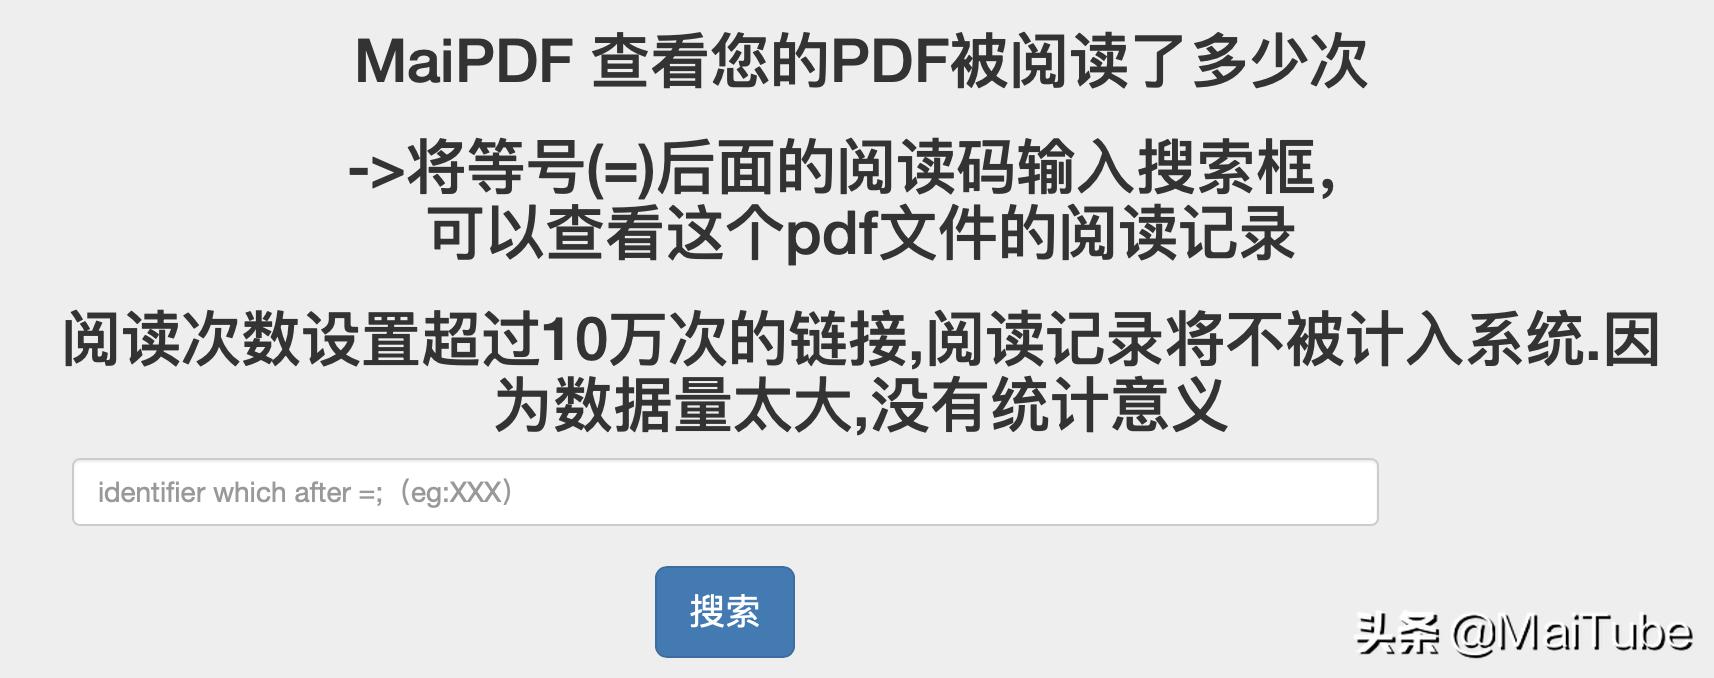 如何使pdf文件在线浏览或者发到朋友圈